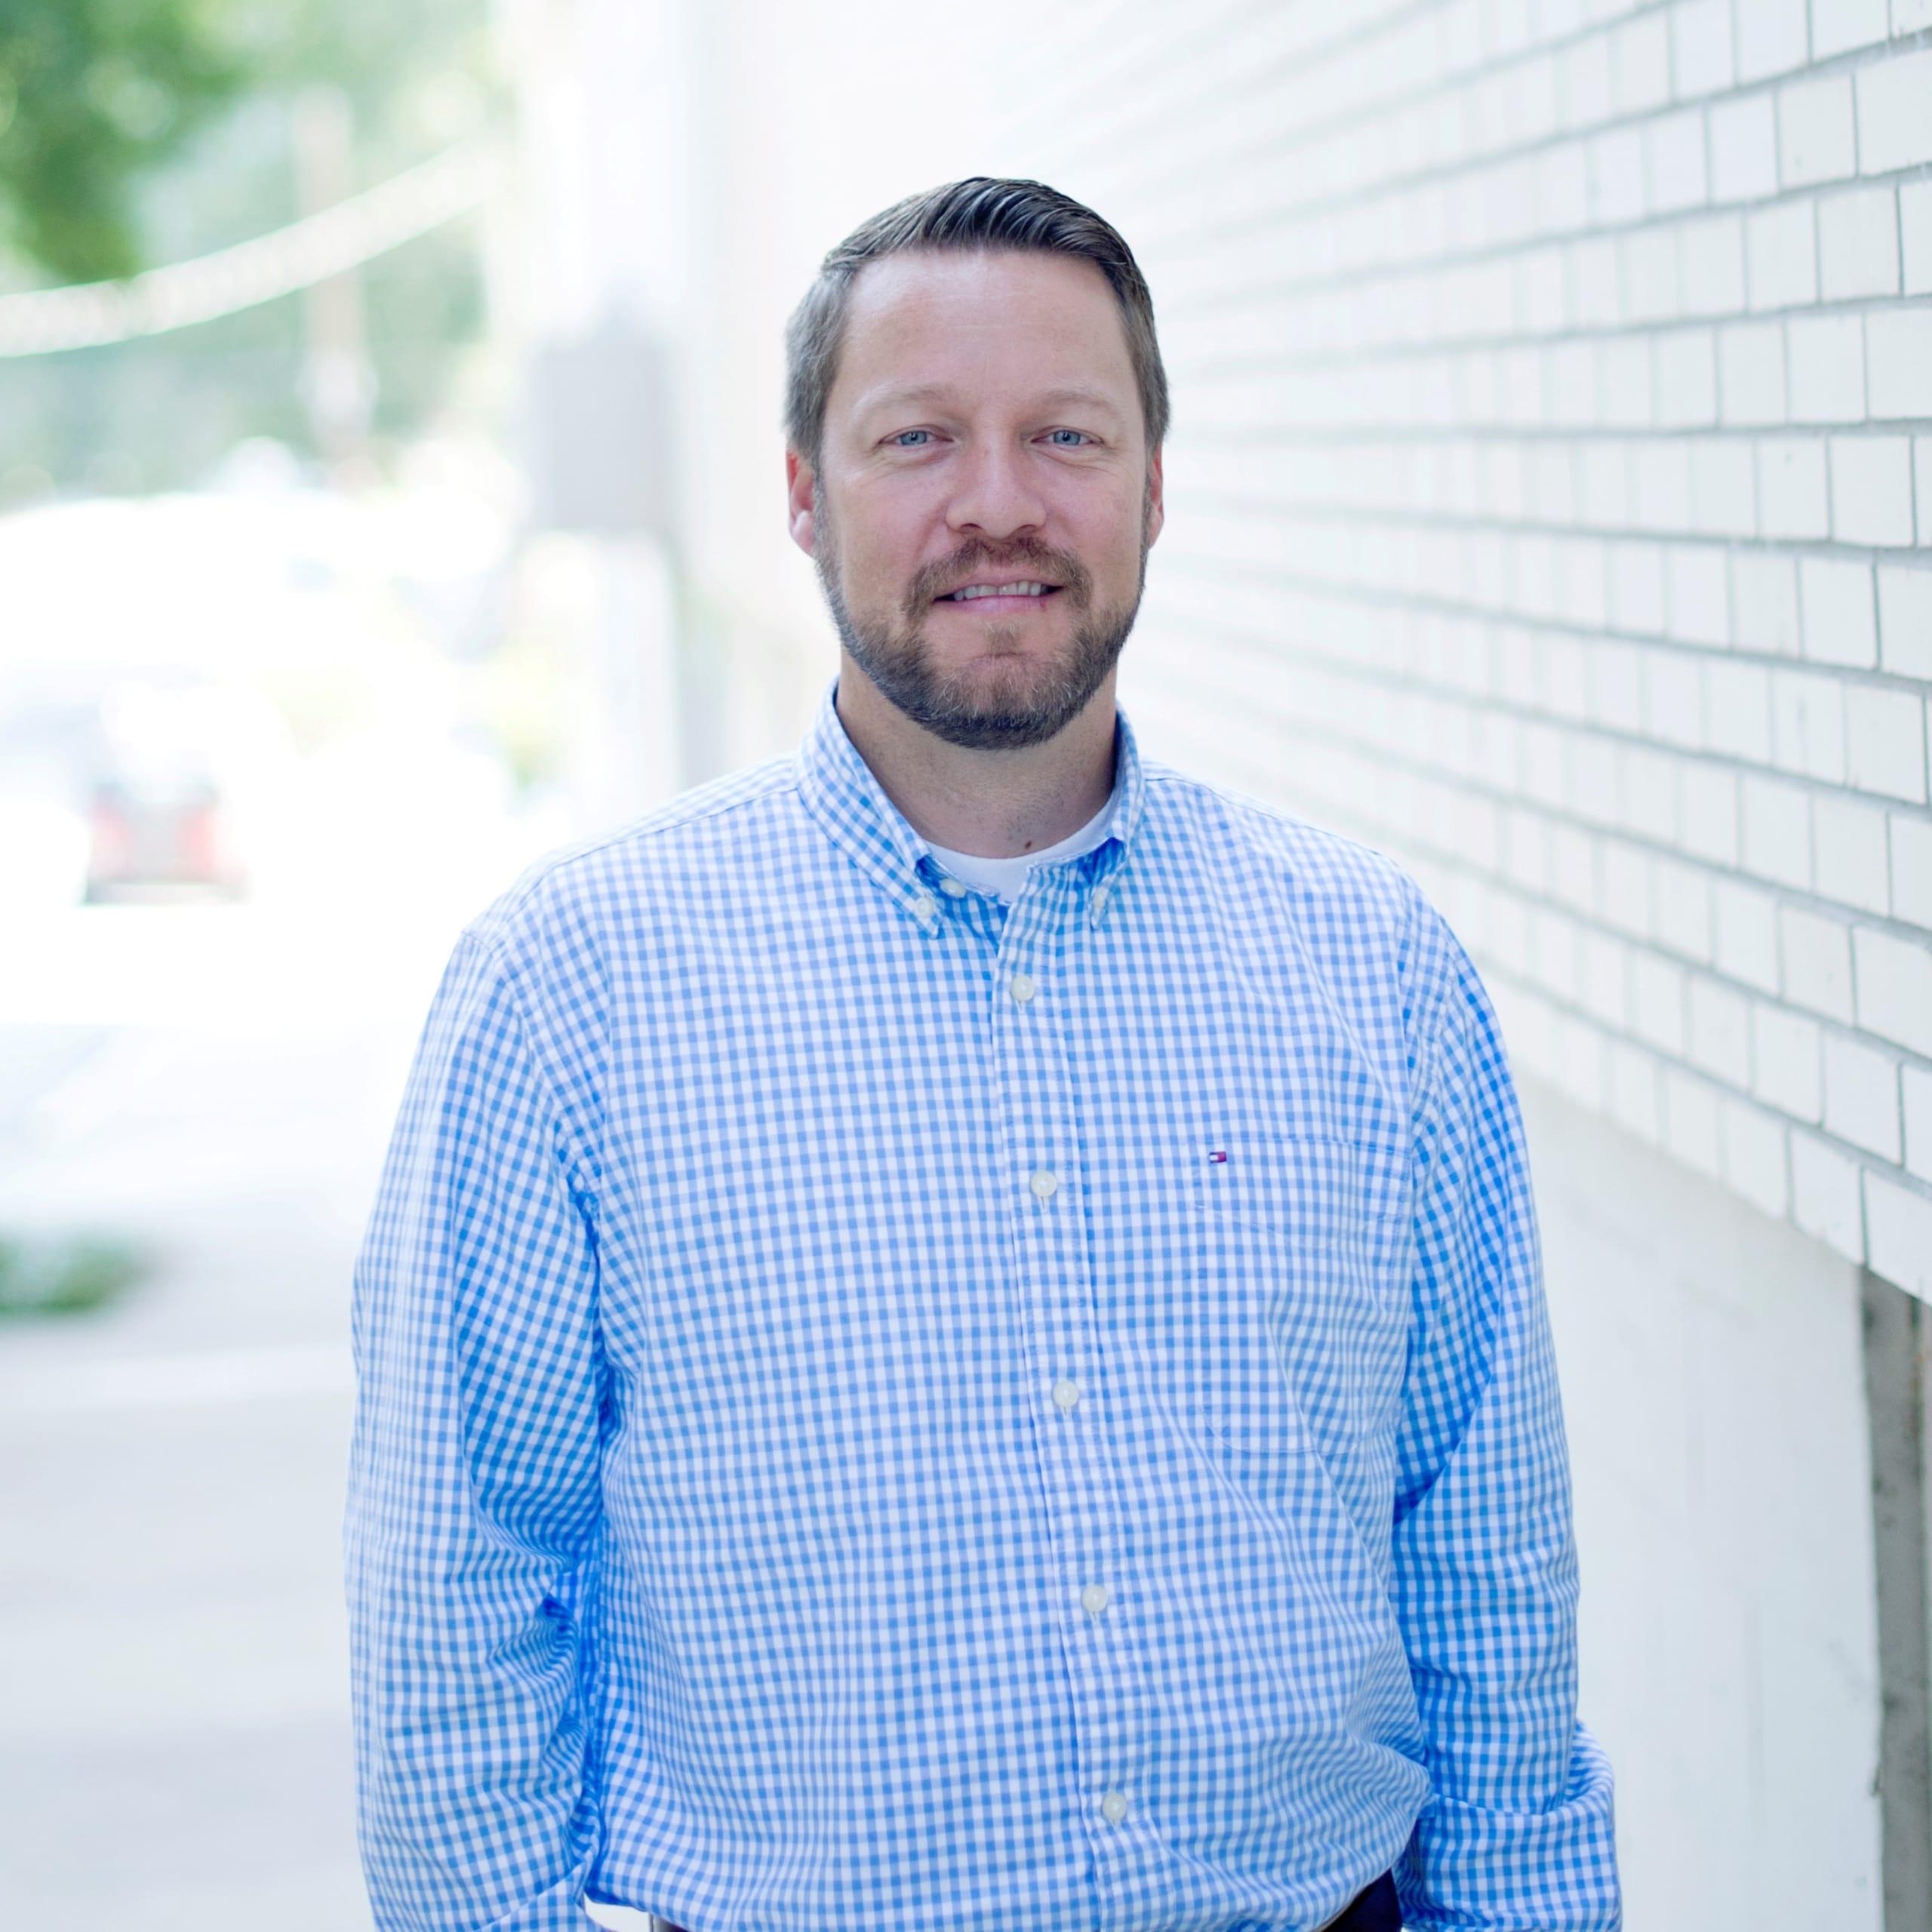 Jared Christensen - Associate